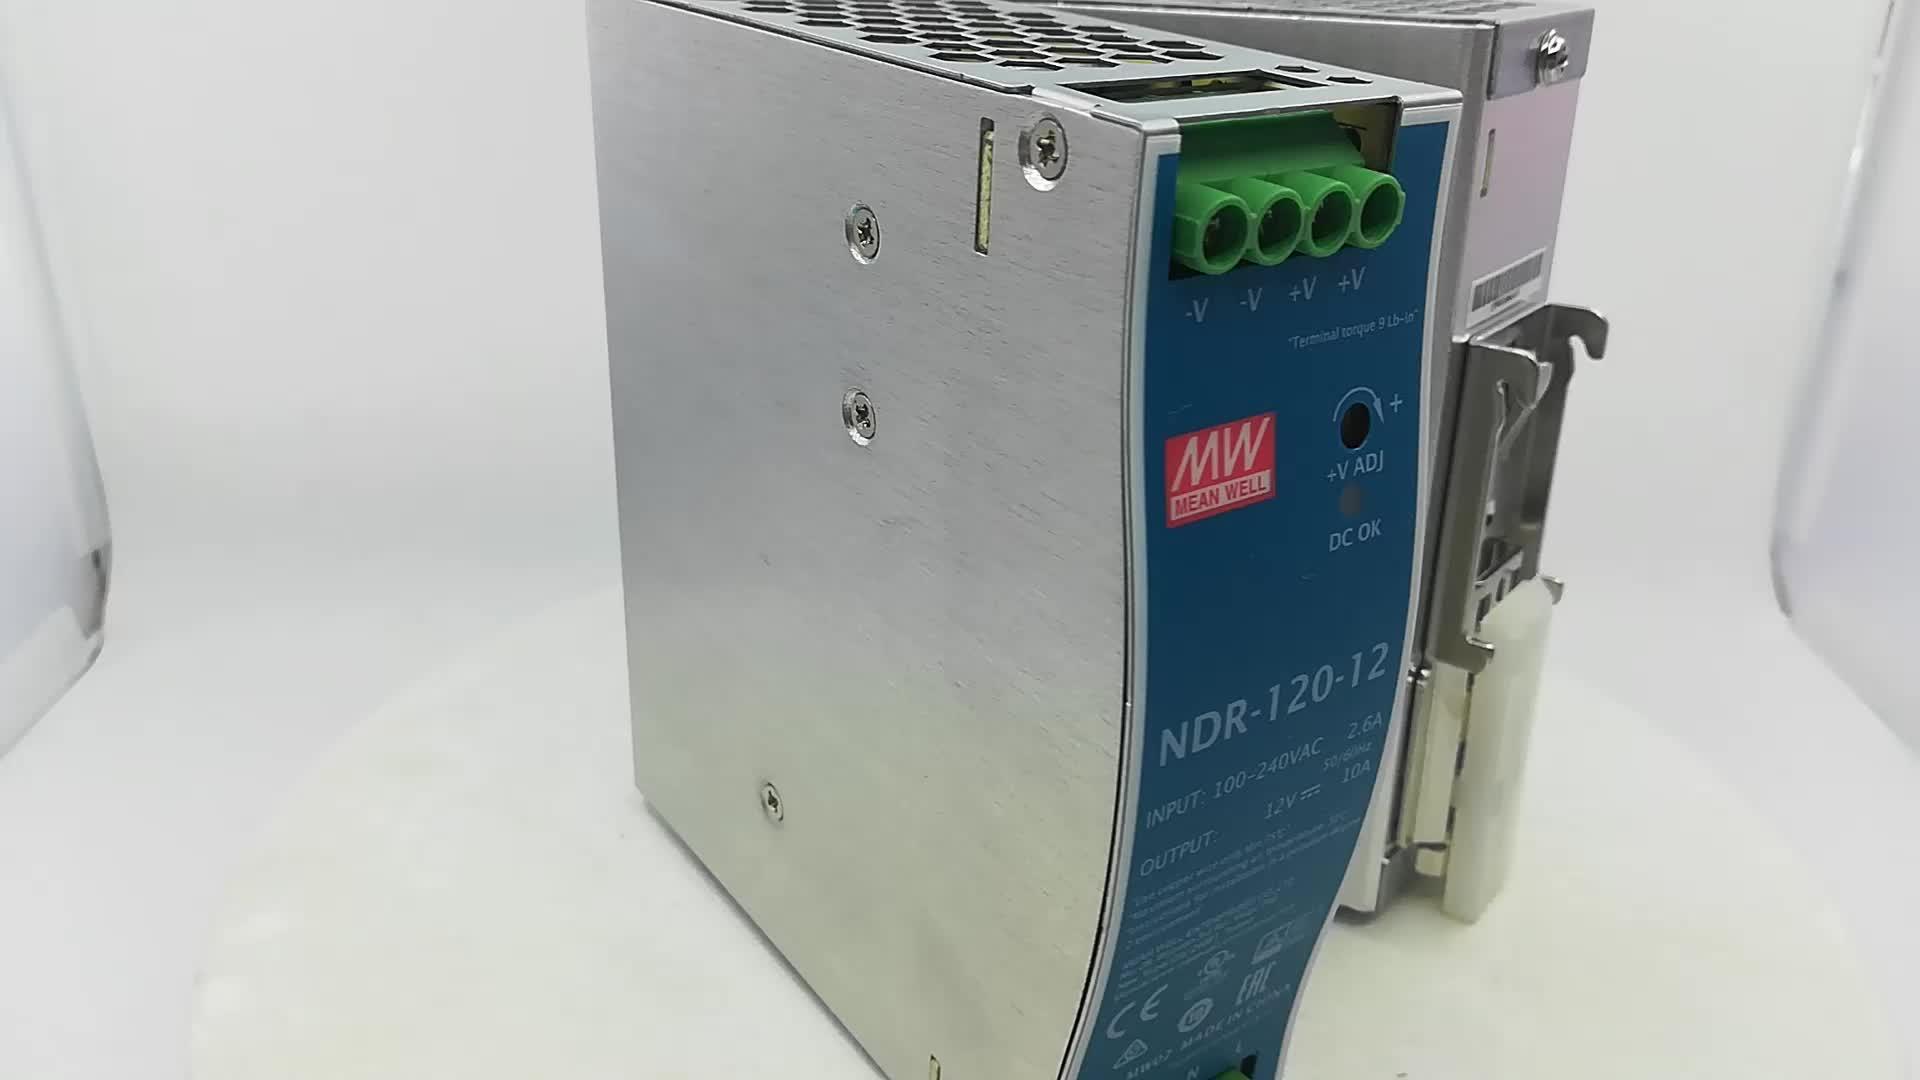 NDR-120-12 Originale Meanwell Uscita Singola Industriale Guida DIN AC/DC a DC Alimentazione Elettrica di Commutazione 120 W 12 V 10A